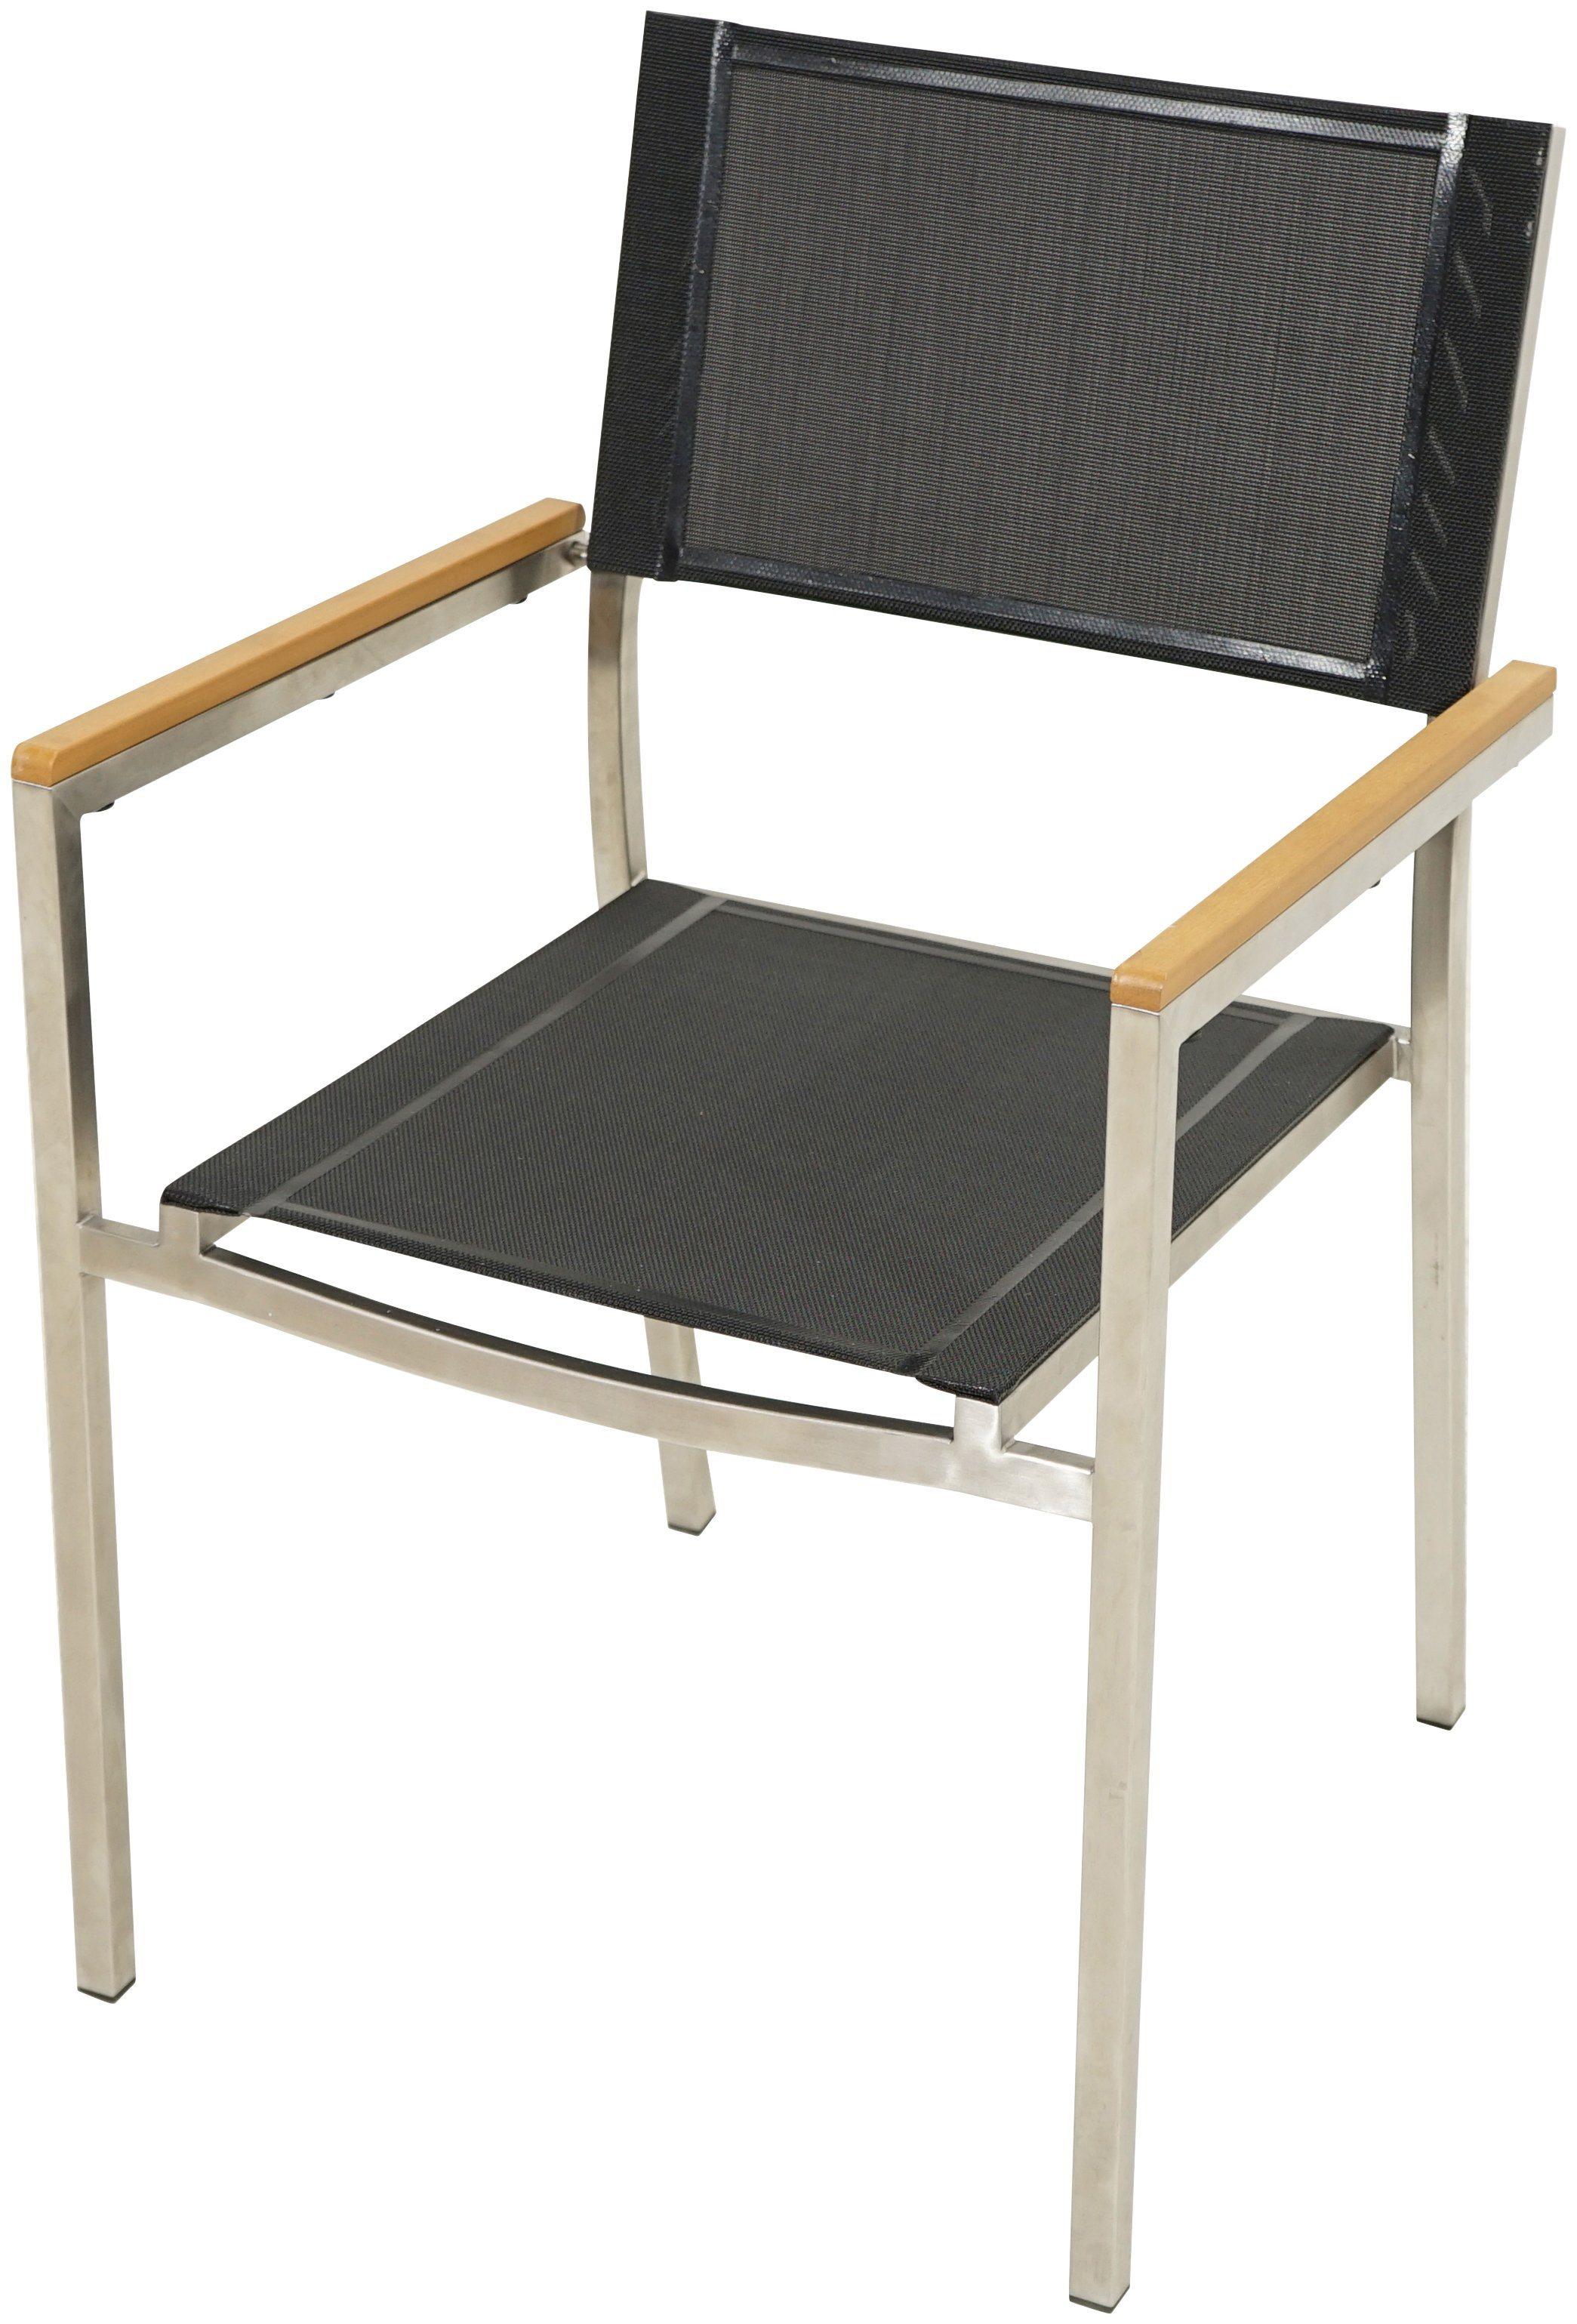 gartenstuhl kunststoffgeflecht preisvergleich die besten angebote online kaufen. Black Bedroom Furniture Sets. Home Design Ideas